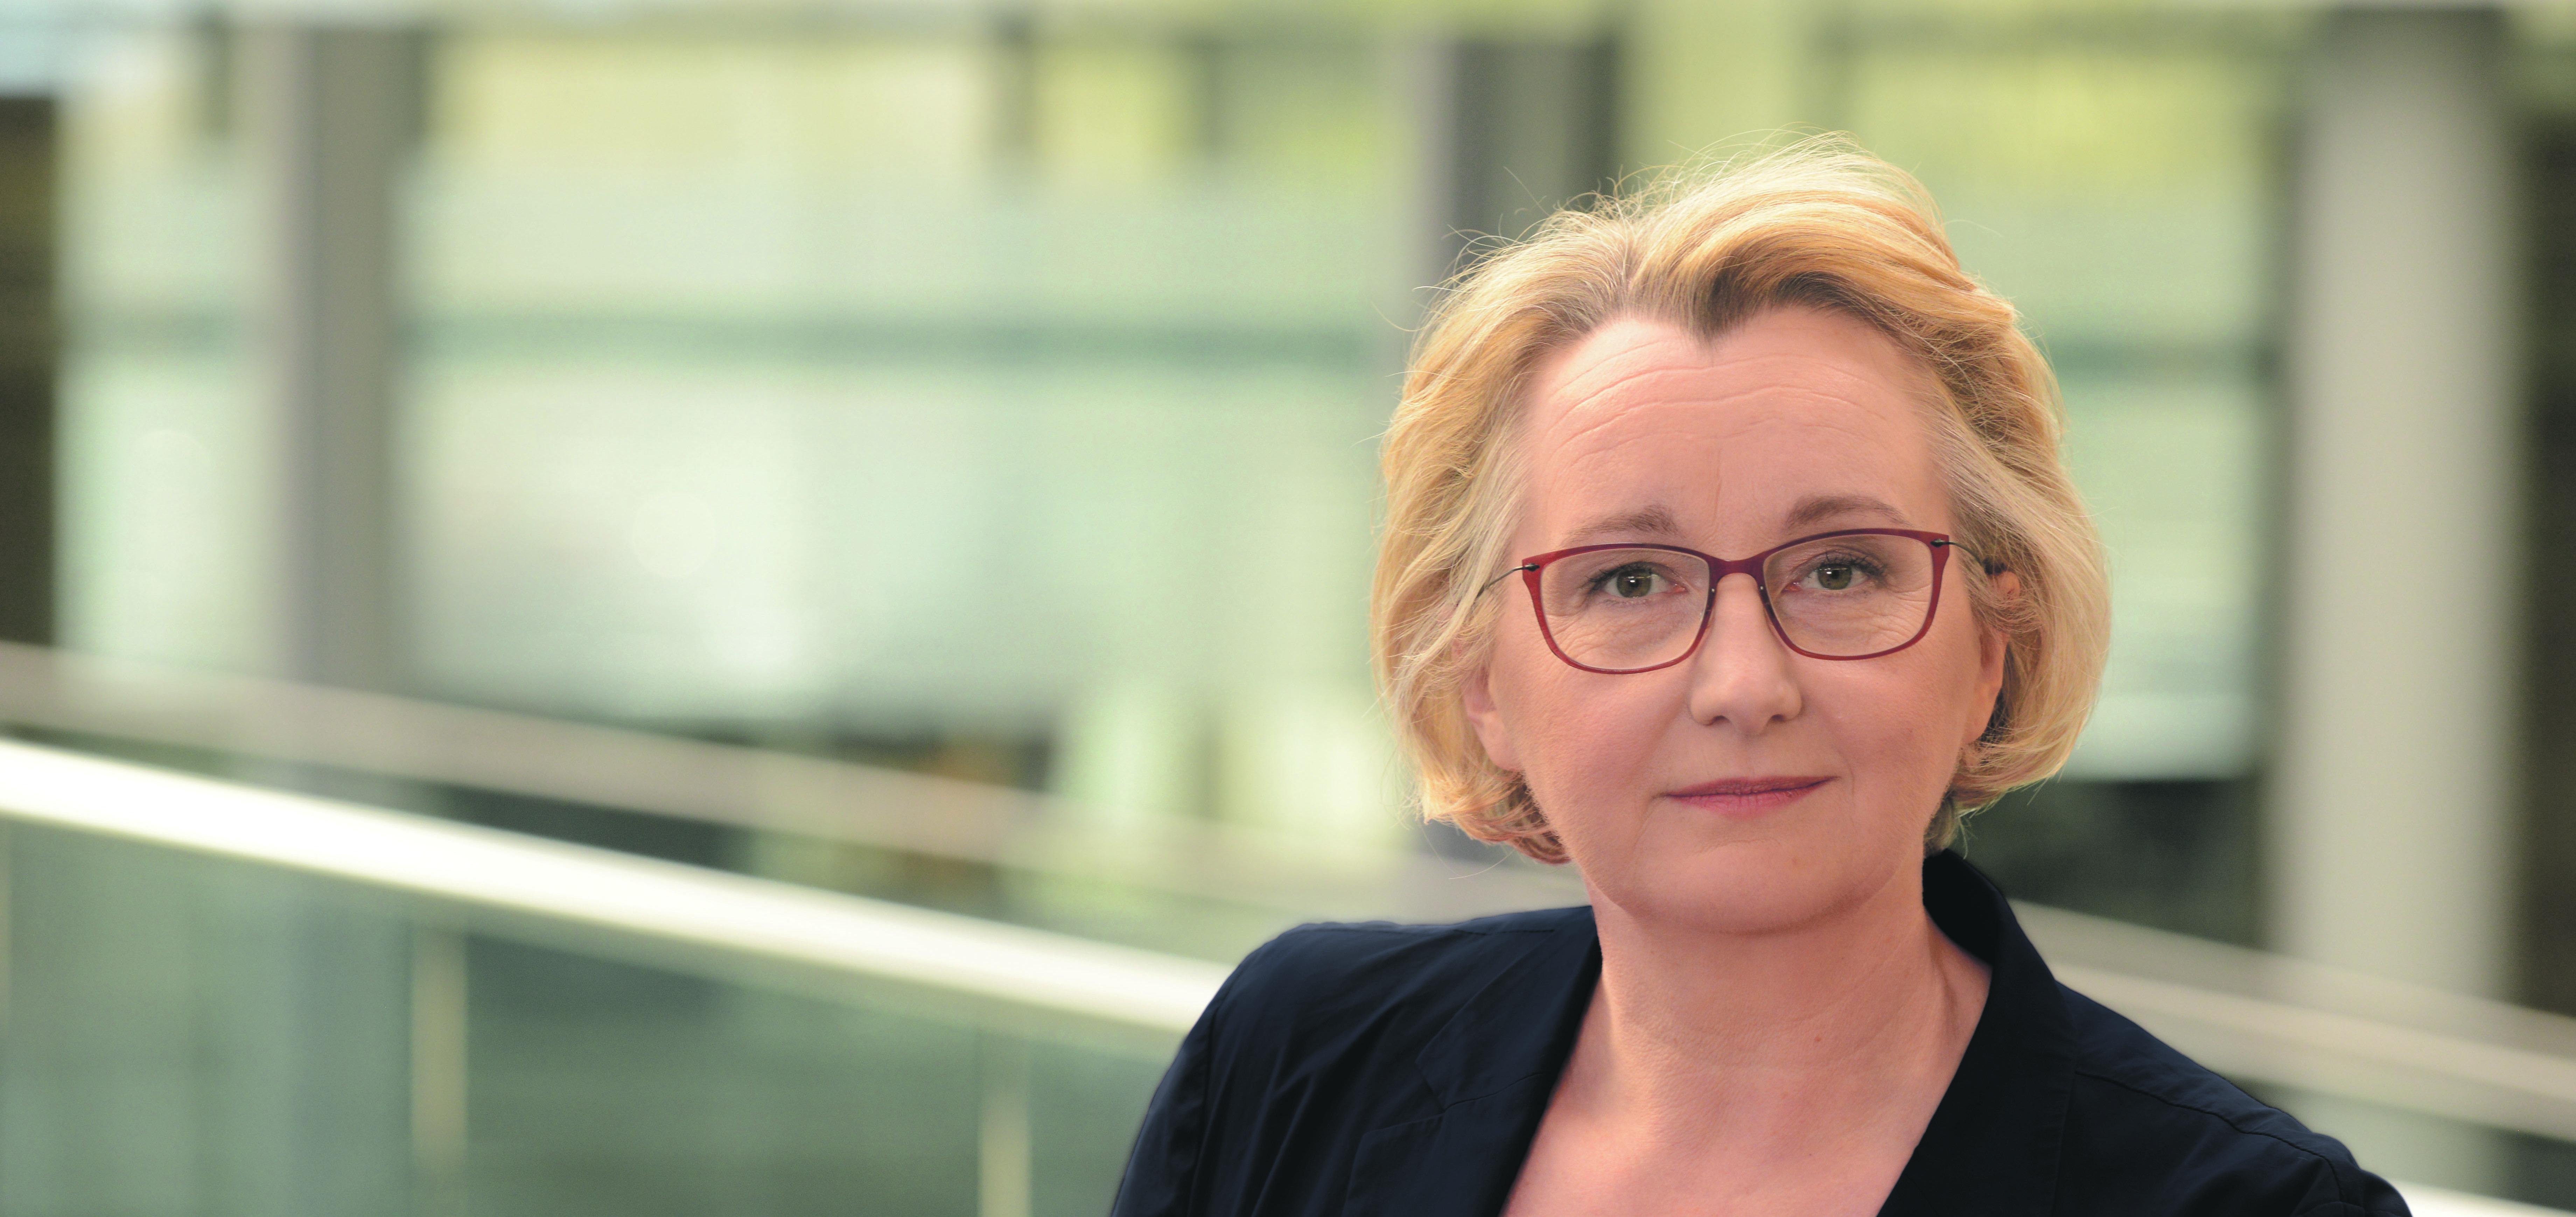 Theresia Bauer ist Ministerin für Wissenschaft, Forschung und Kunst in Baden-Württemberg. (Bild: MWK)